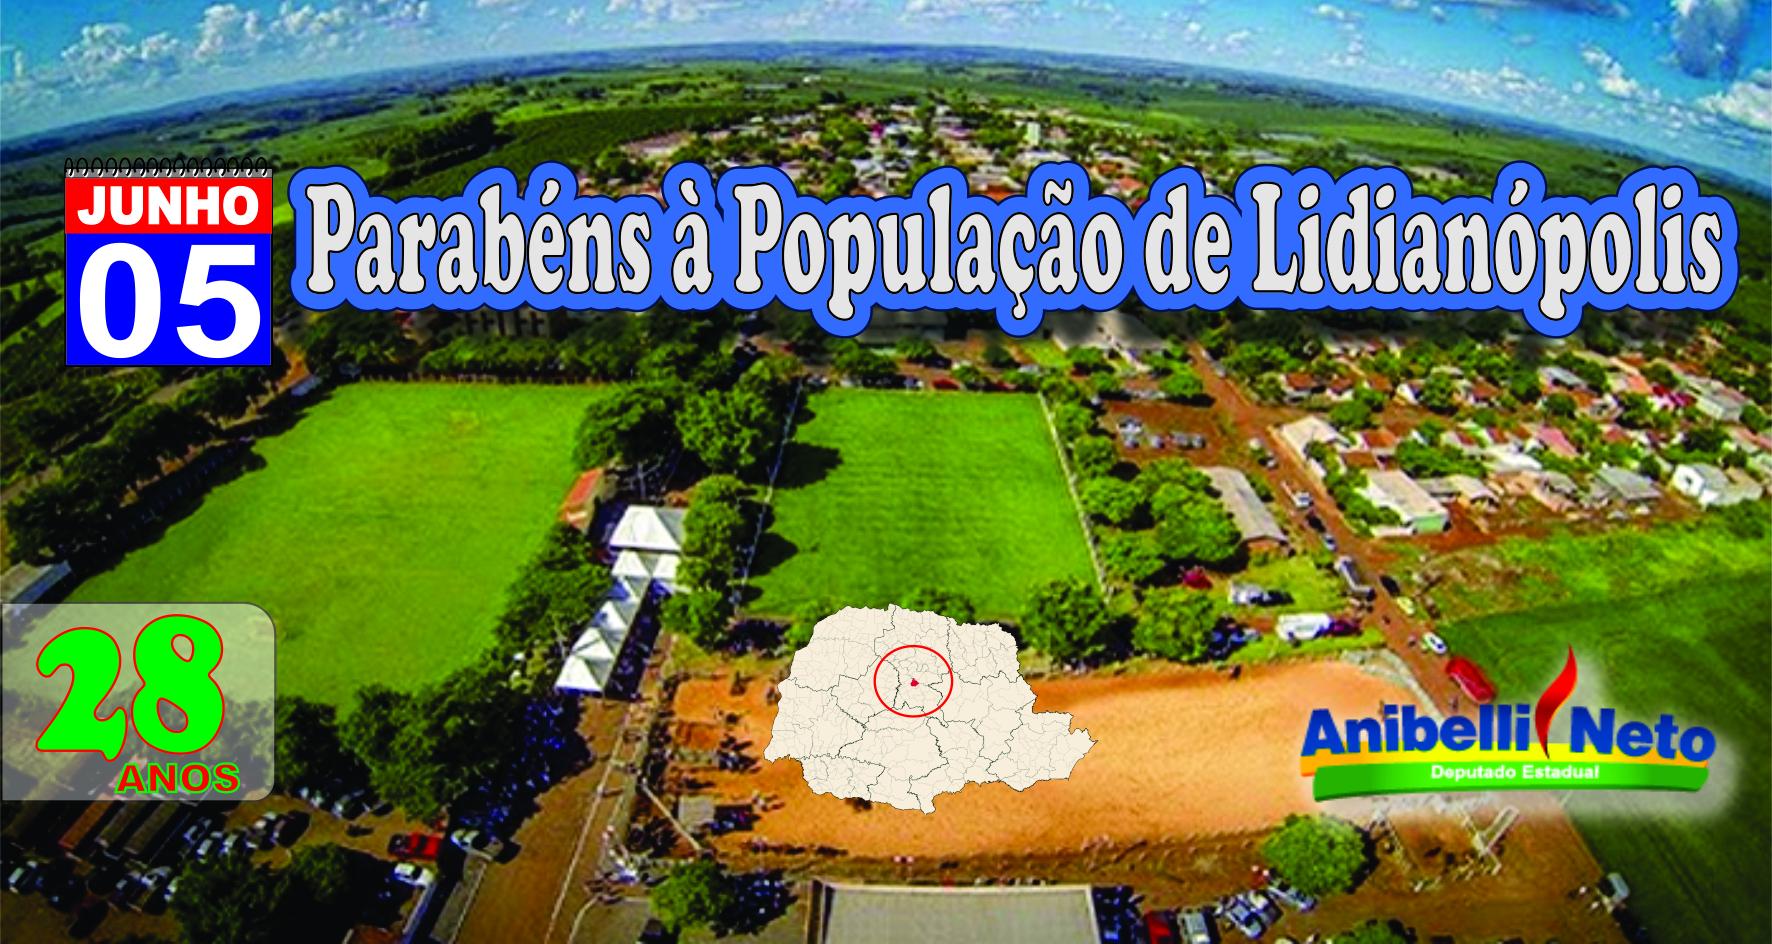 Parabéns à População de Lidianópolis